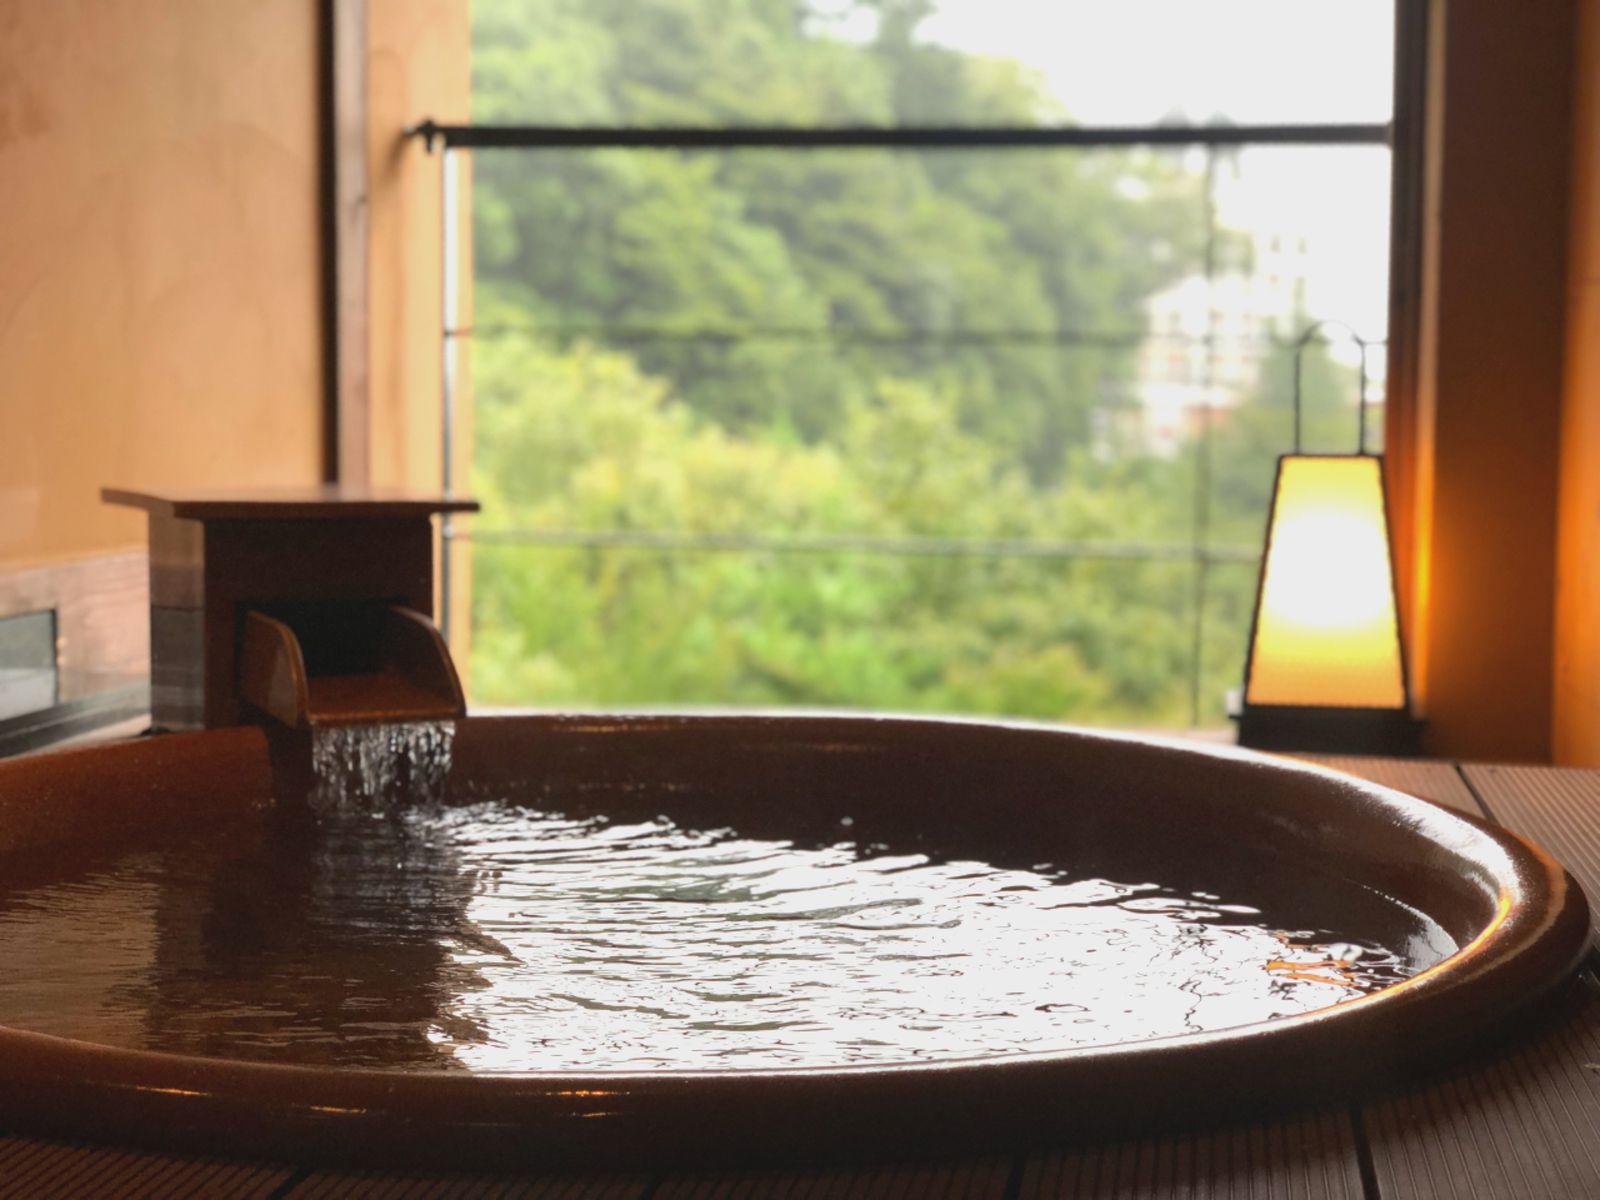 温泉やグルメで癒されたい!足湯列車で行く「湯の山温泉」の5つの魅力